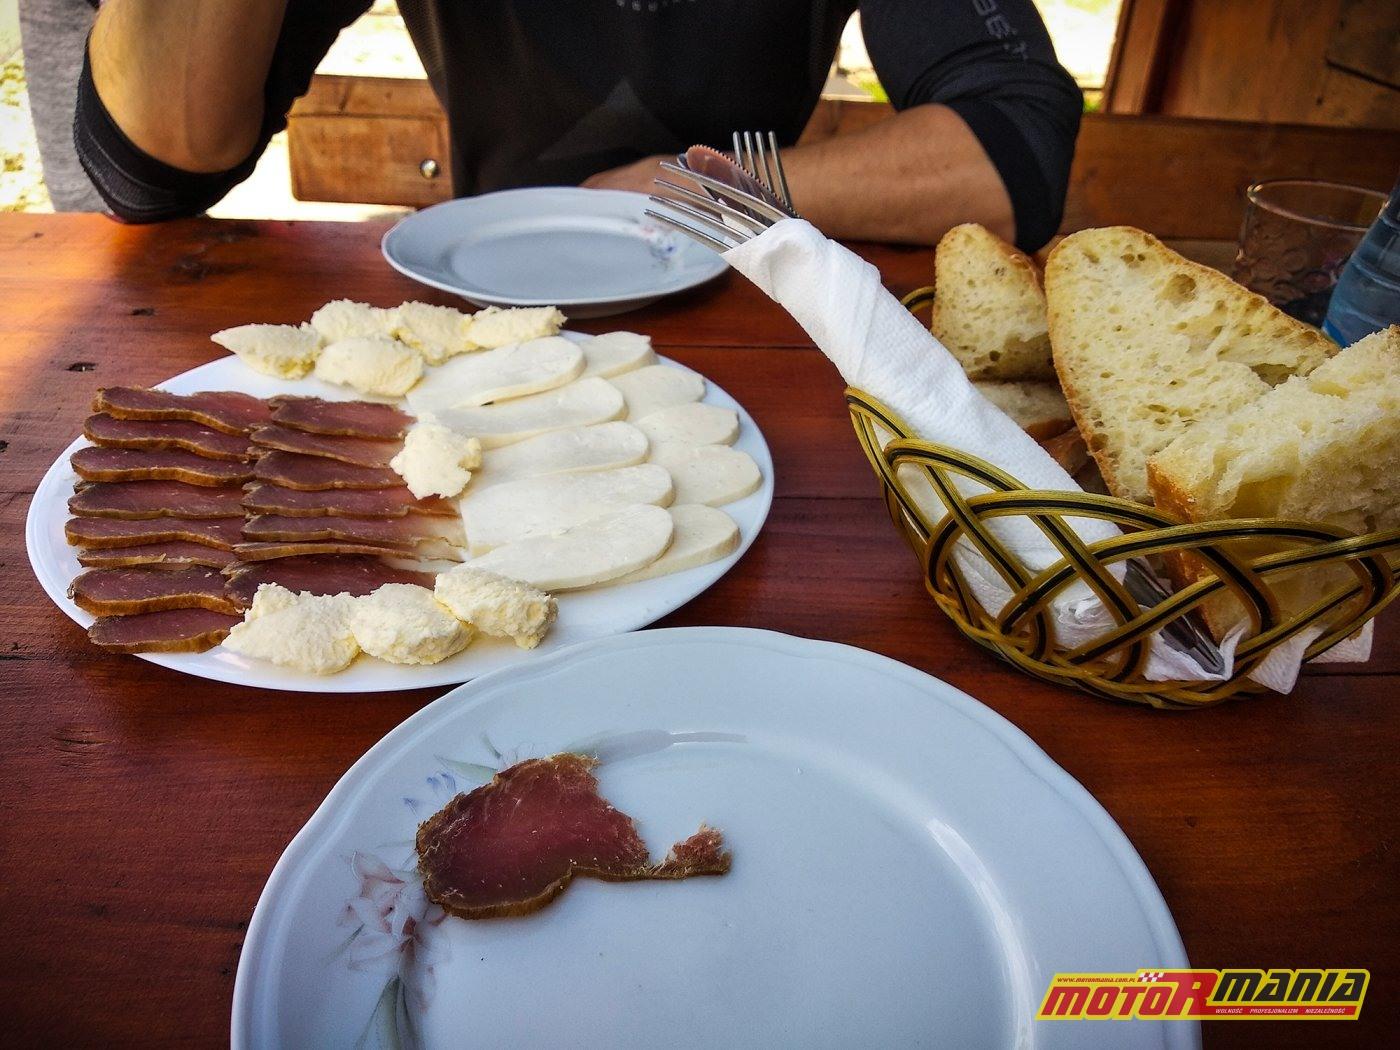 posiłek w Nedajno - jedzenie pasterzy